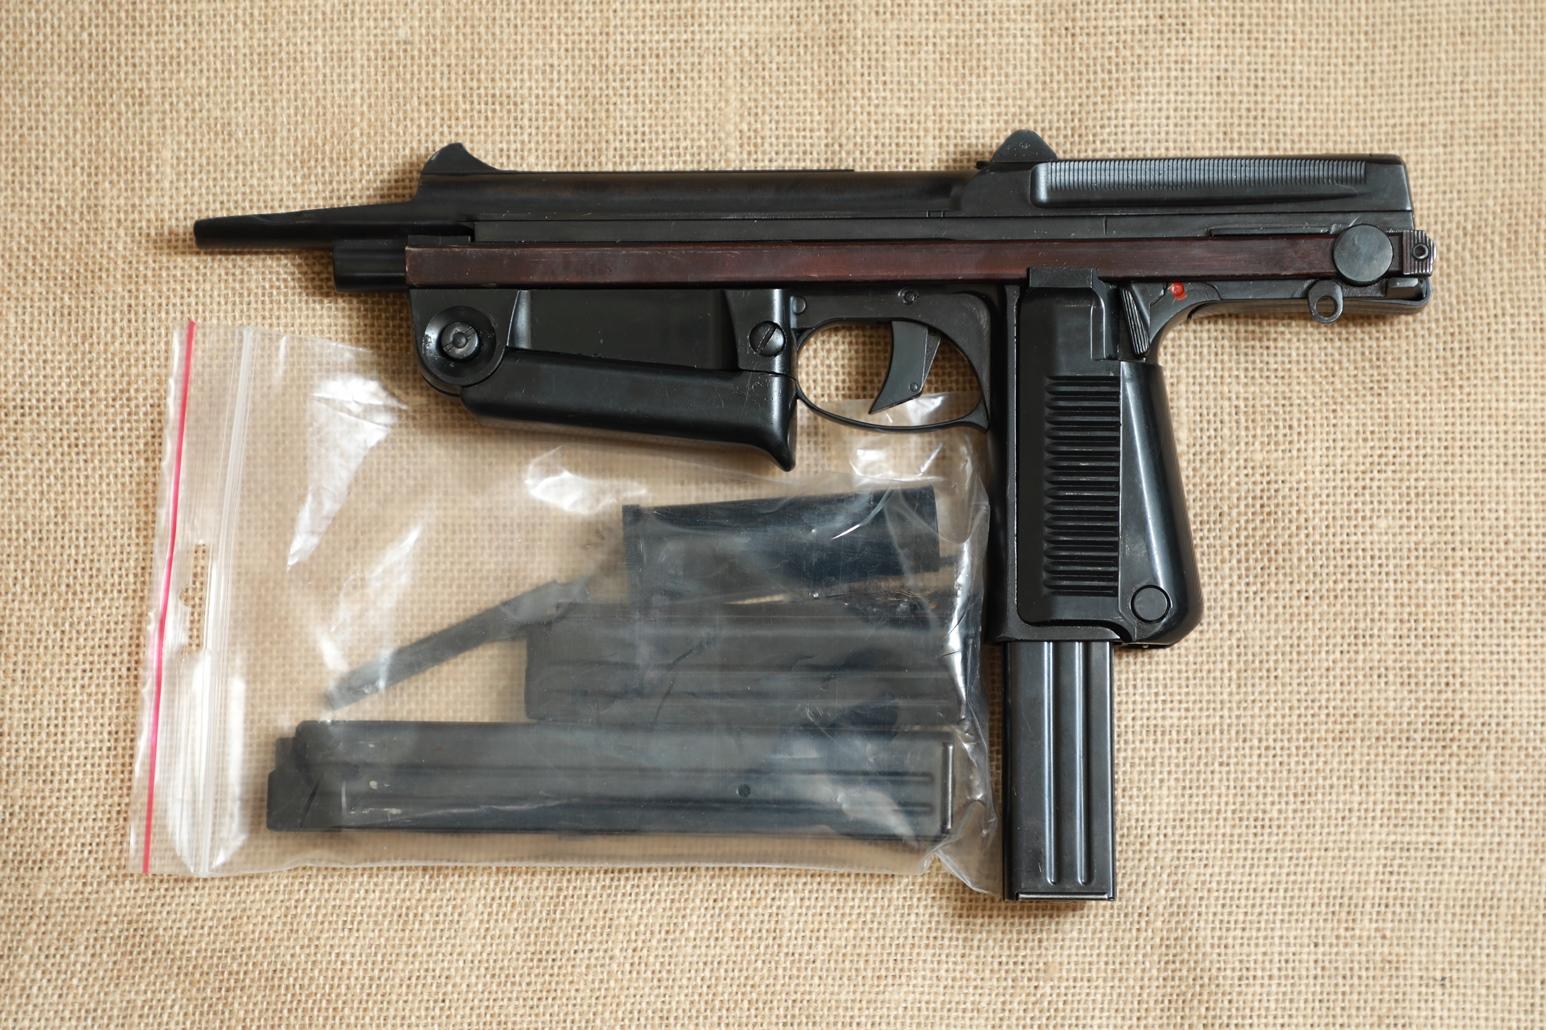 Фото Охолощенный пистолет-пулемет RAK-63 #M 07801 1970 год, 1 категория